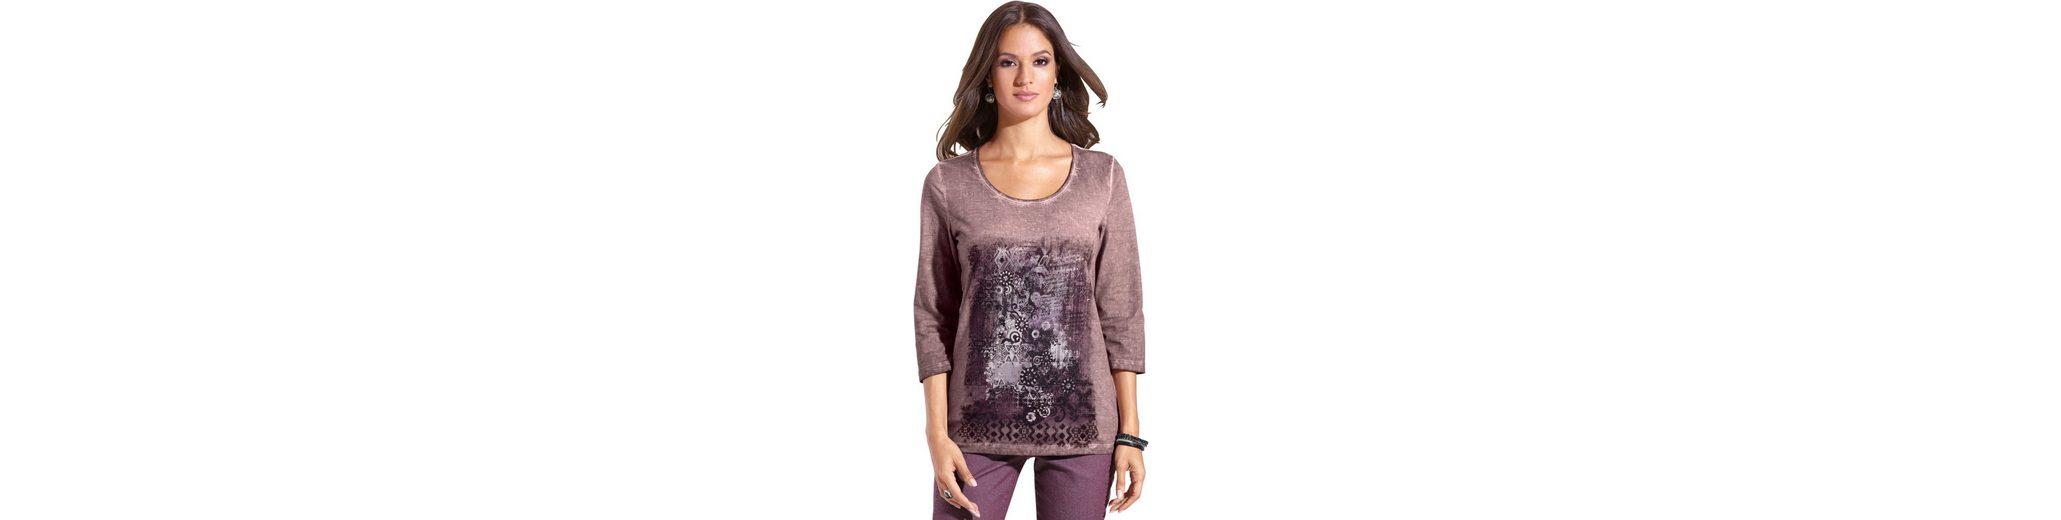 Beschränkte Auflage Classic Inspirationen Shirt aus reiner Baumwolle Billig Verkauf Zum Verkauf  Spitzenreiter Limitierte Auflage Günstig Kaufen Sast ddFfav7z